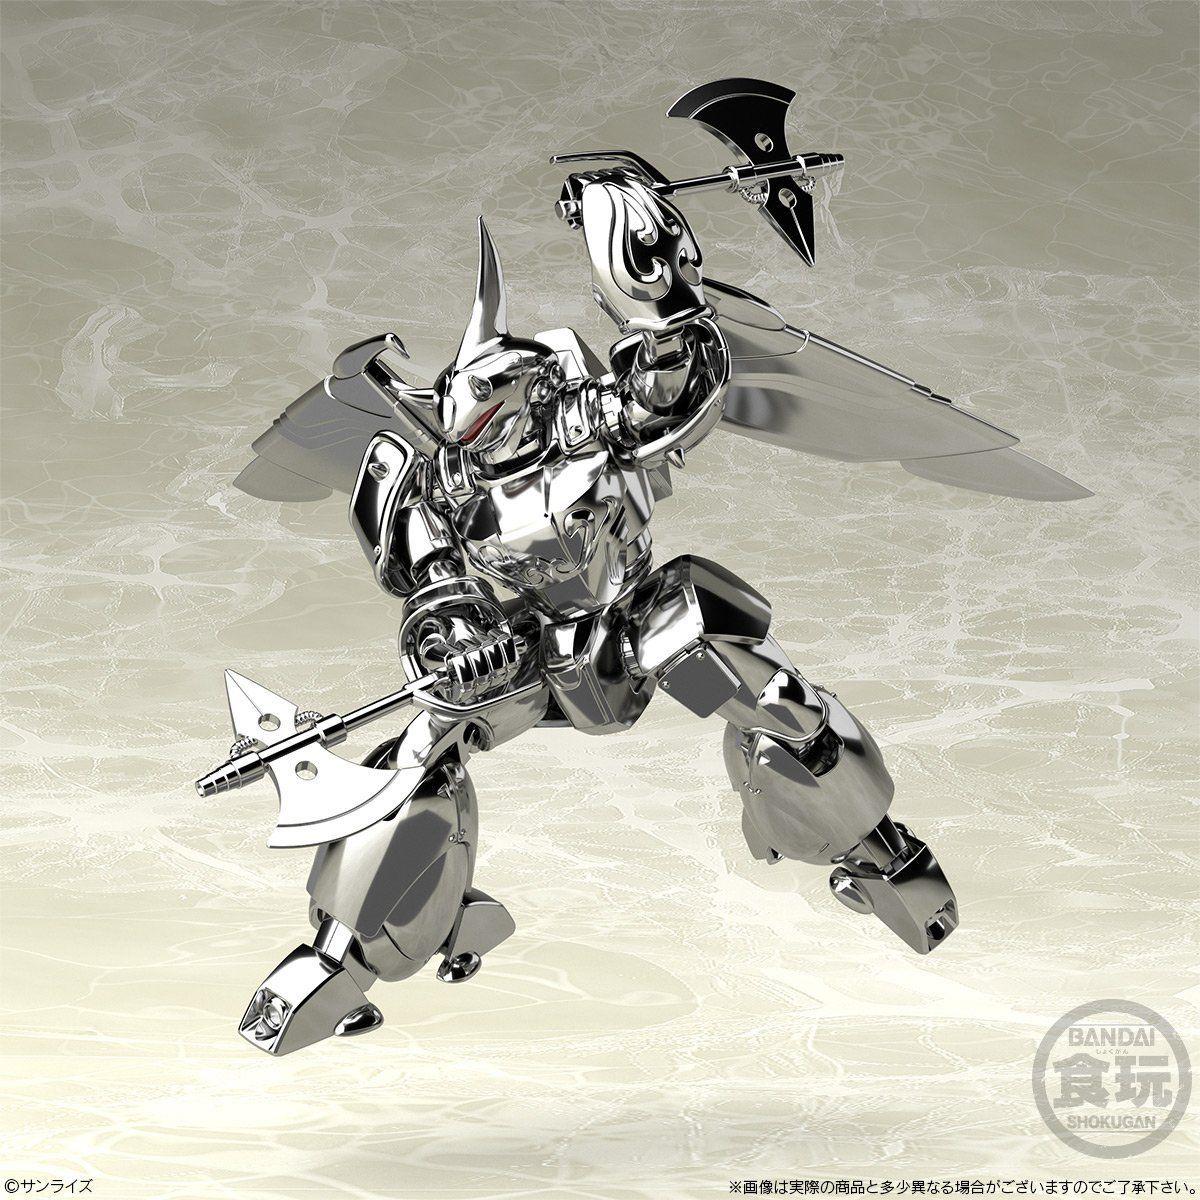 スーパーミニプラ『飛甲兵ウィンガル・ジー ハイ・シャルタット機 機甲界ガリアン』プラモデル-005